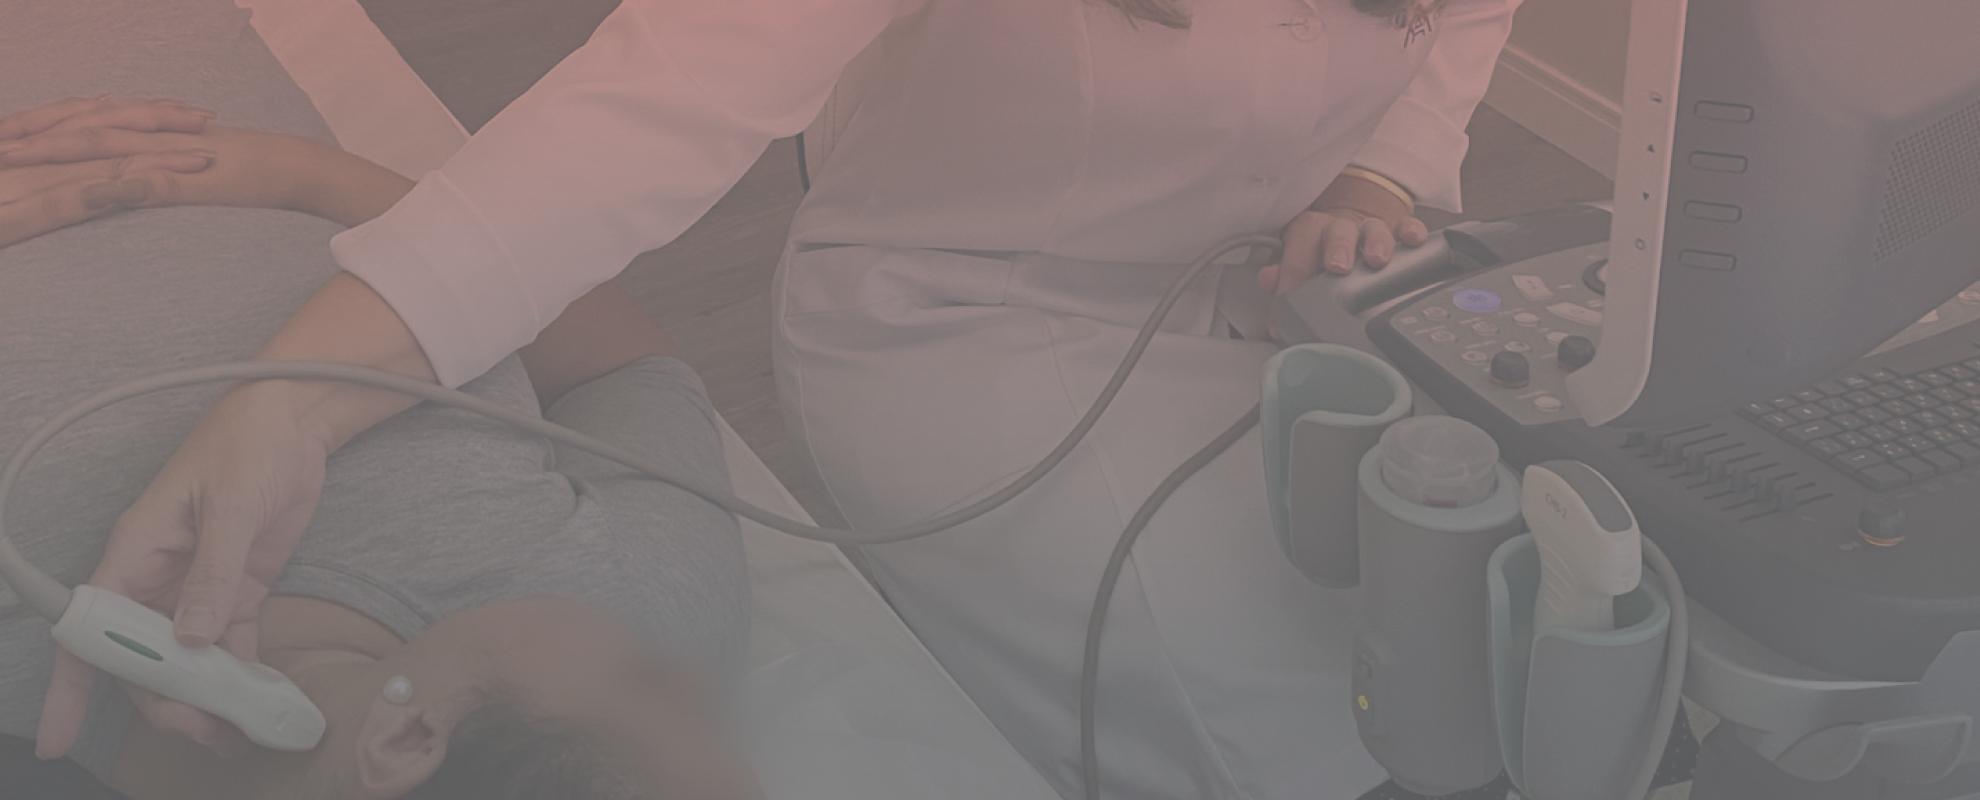 Segurança Diagnóstica Angiodoppler